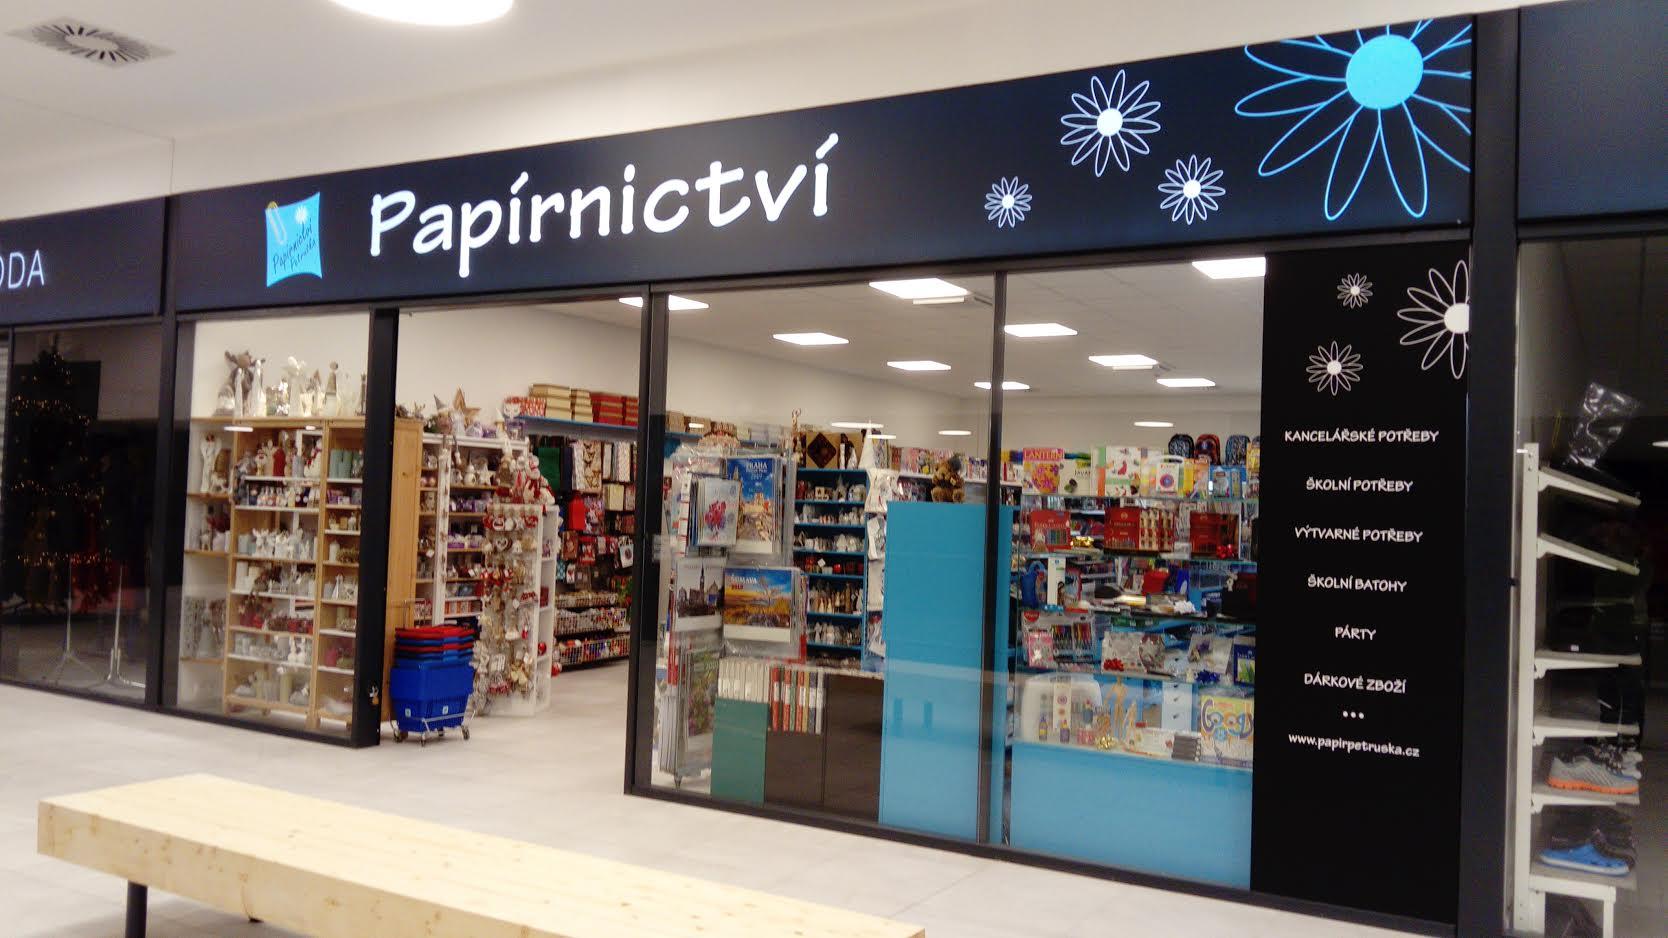 Papírnictví Petruška - Ládví